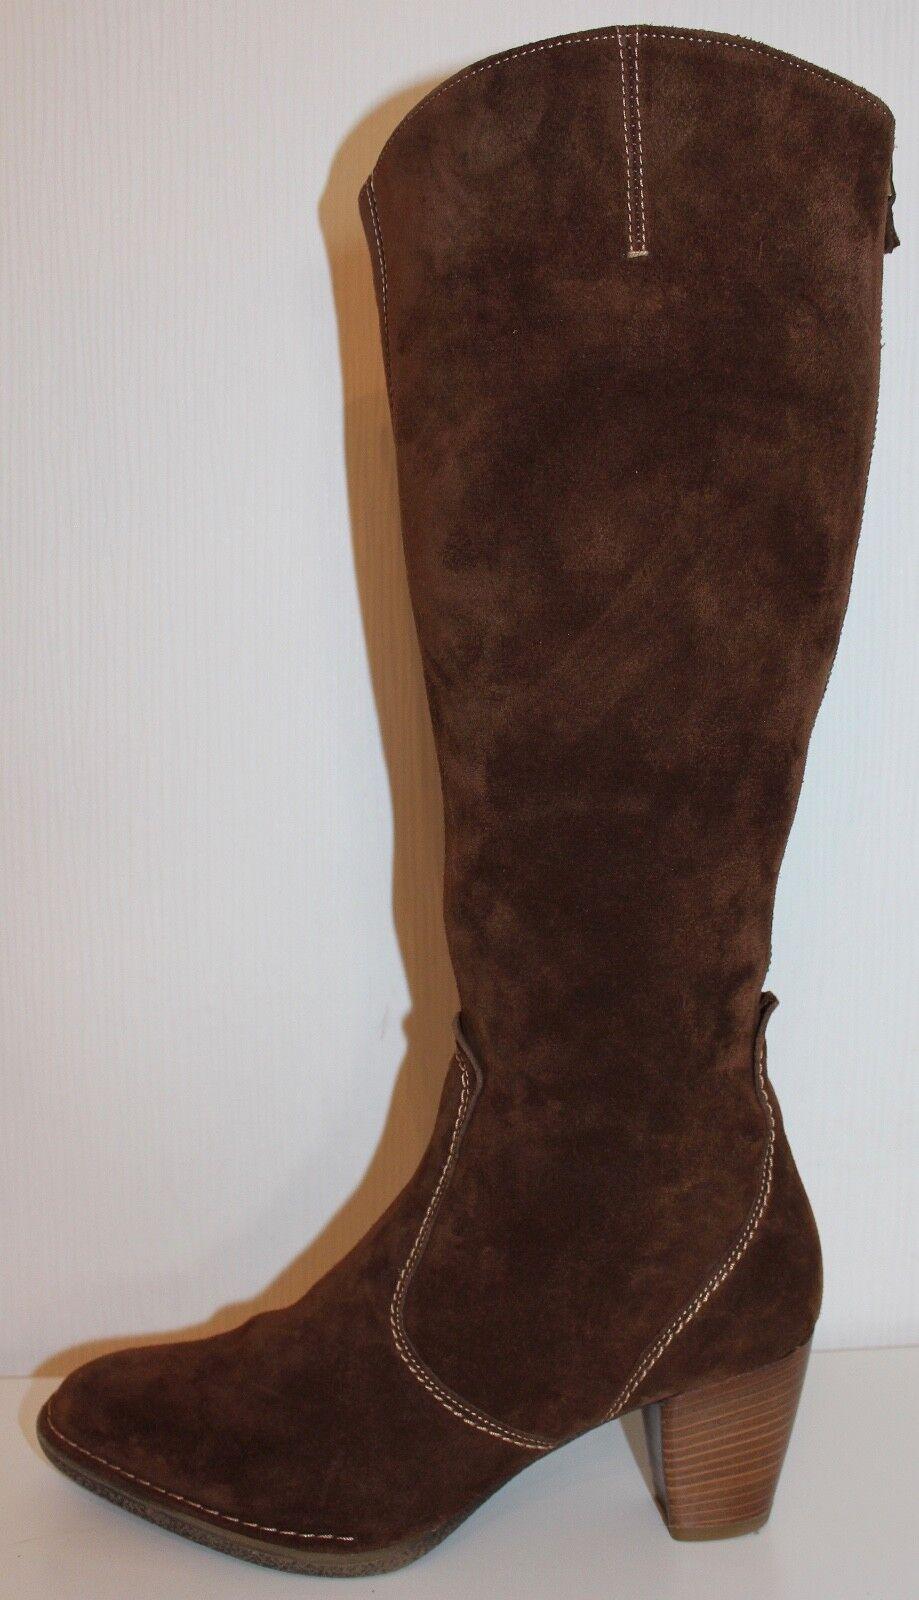 Ara señora Echt Leder botas Leather botas talla 38,5 uk5.5 serraje cognac marrón